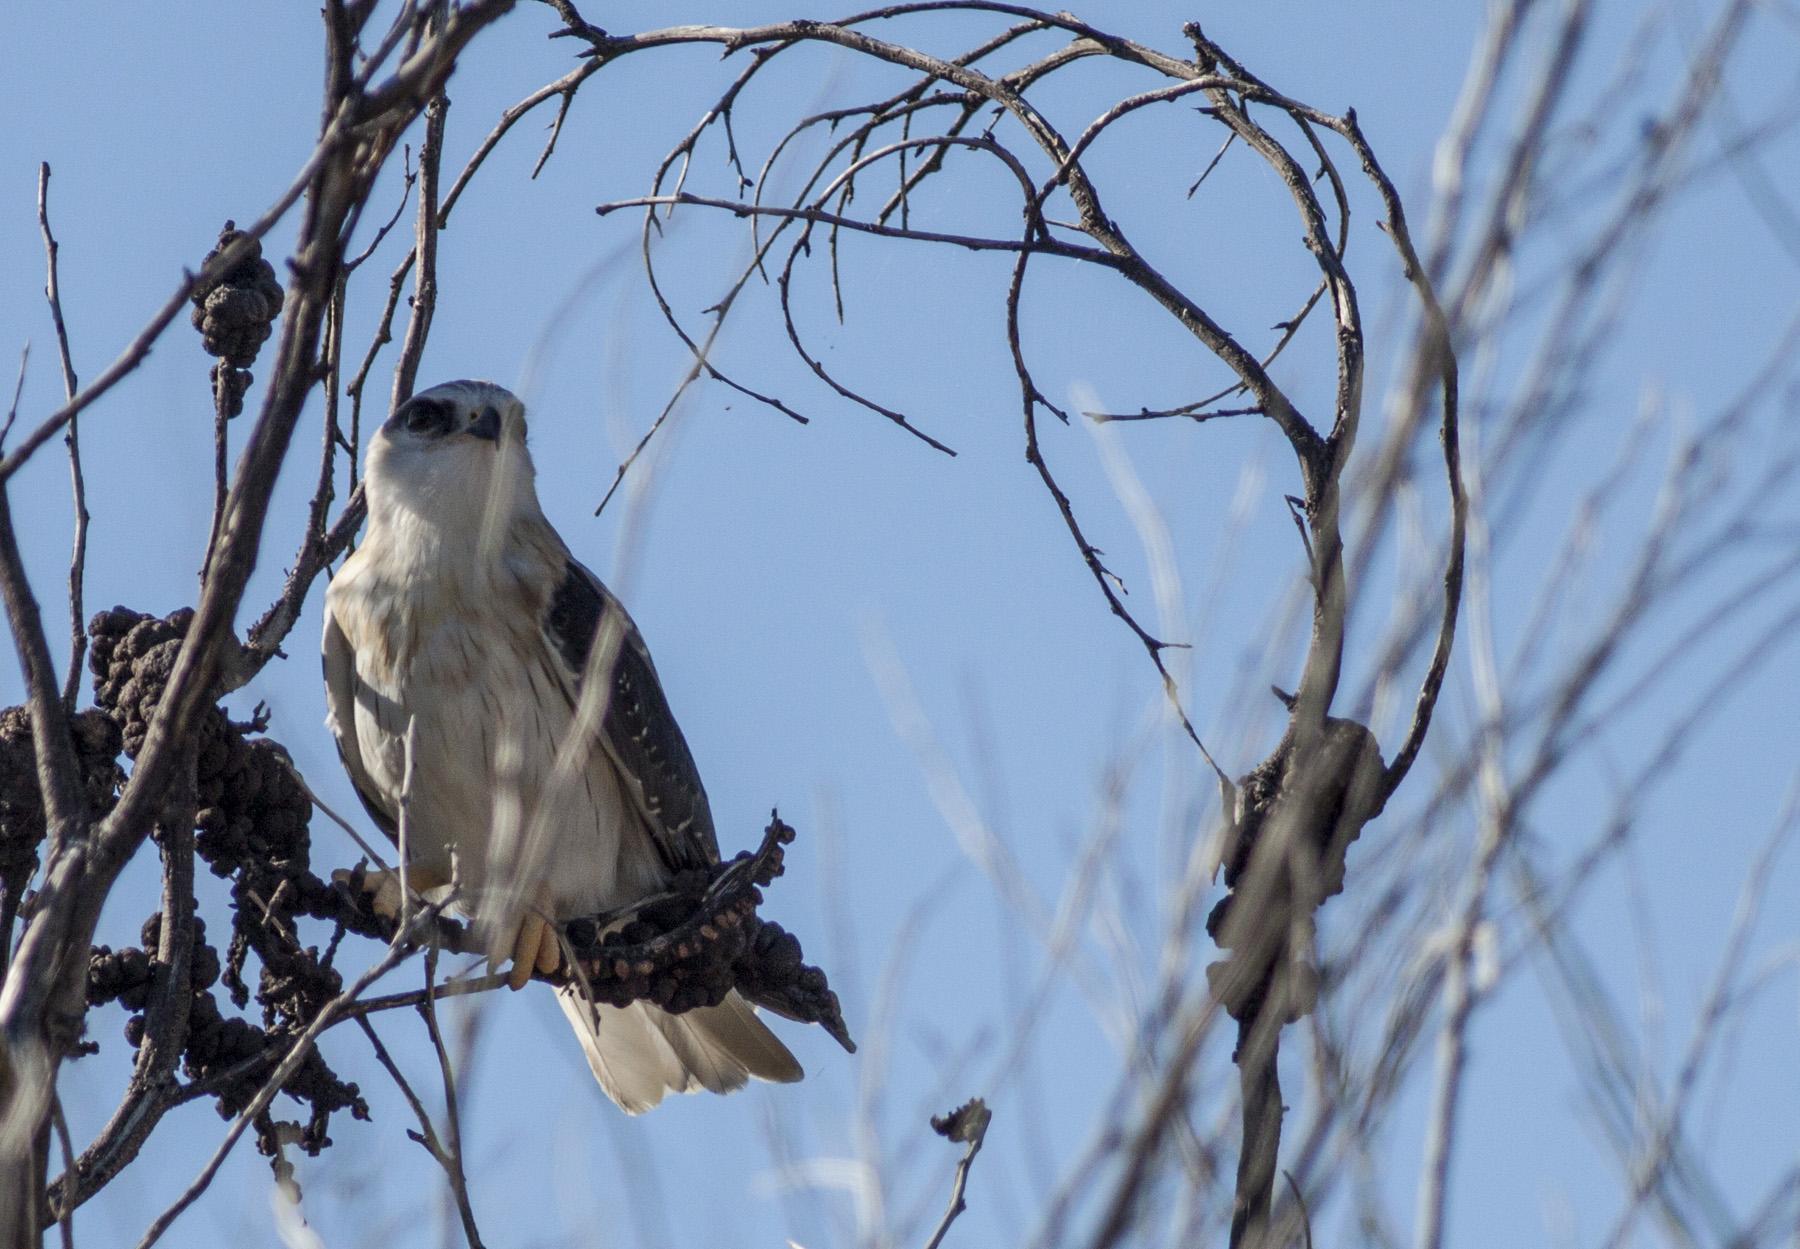 Juvenile Black Shouldered Kite